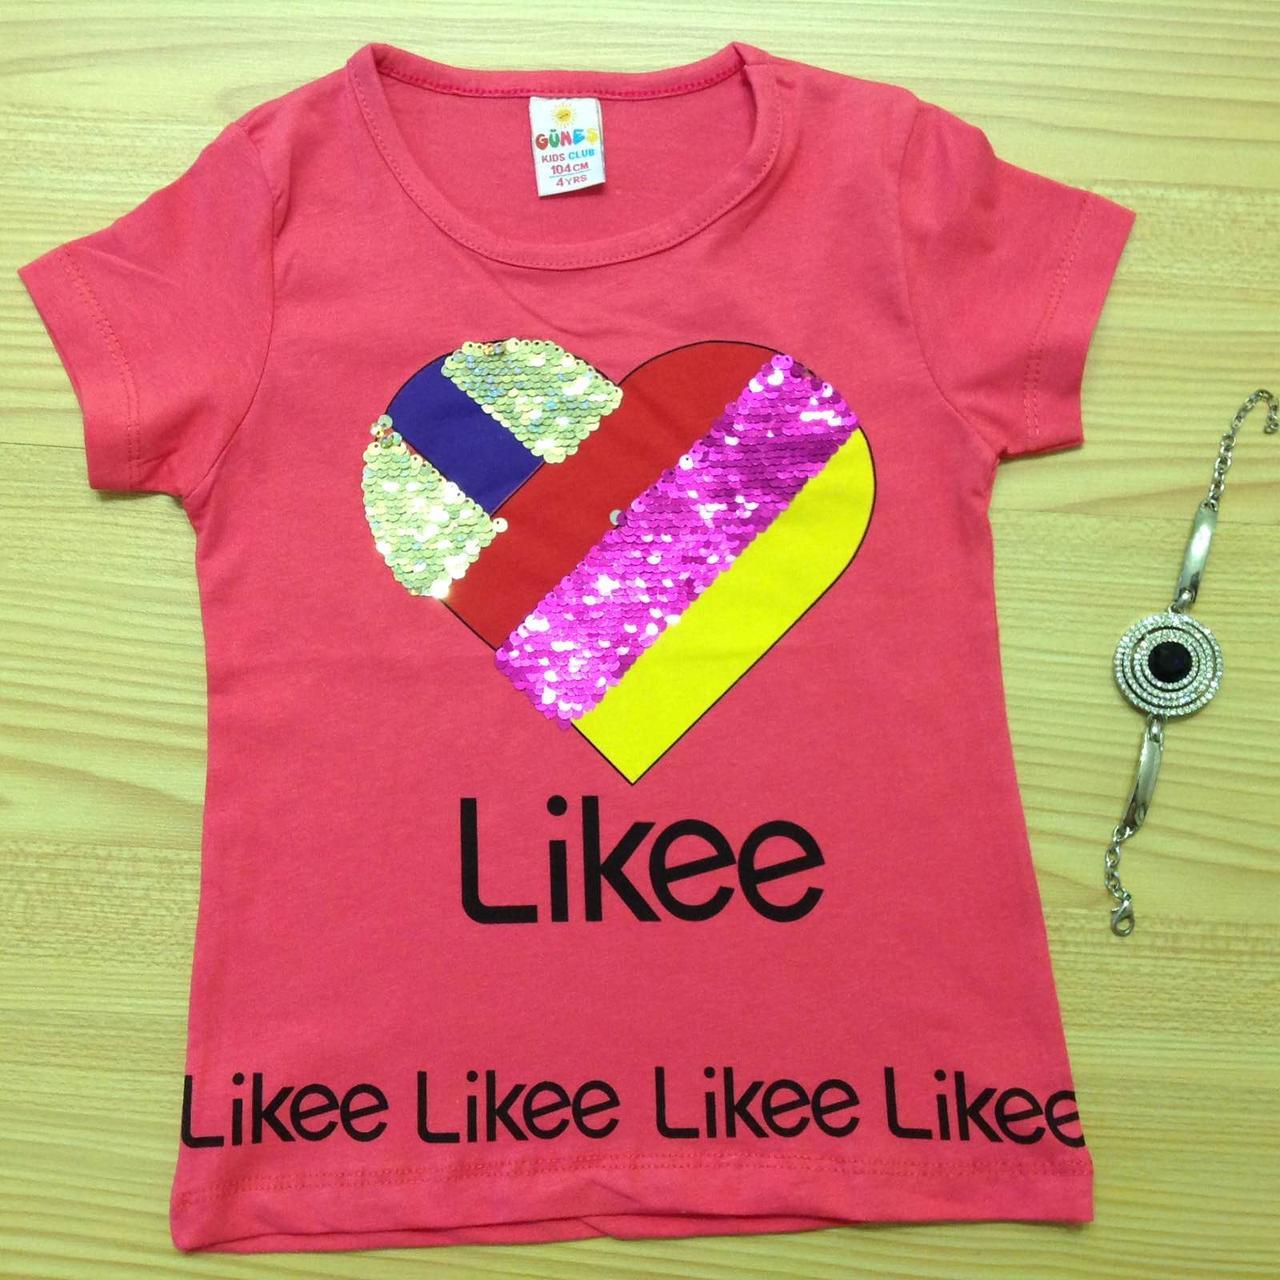 """Футболка детская """"Likee"""" для девочек. Возраст 4-5-6-7-8 лет. Розовый. Оптом"""